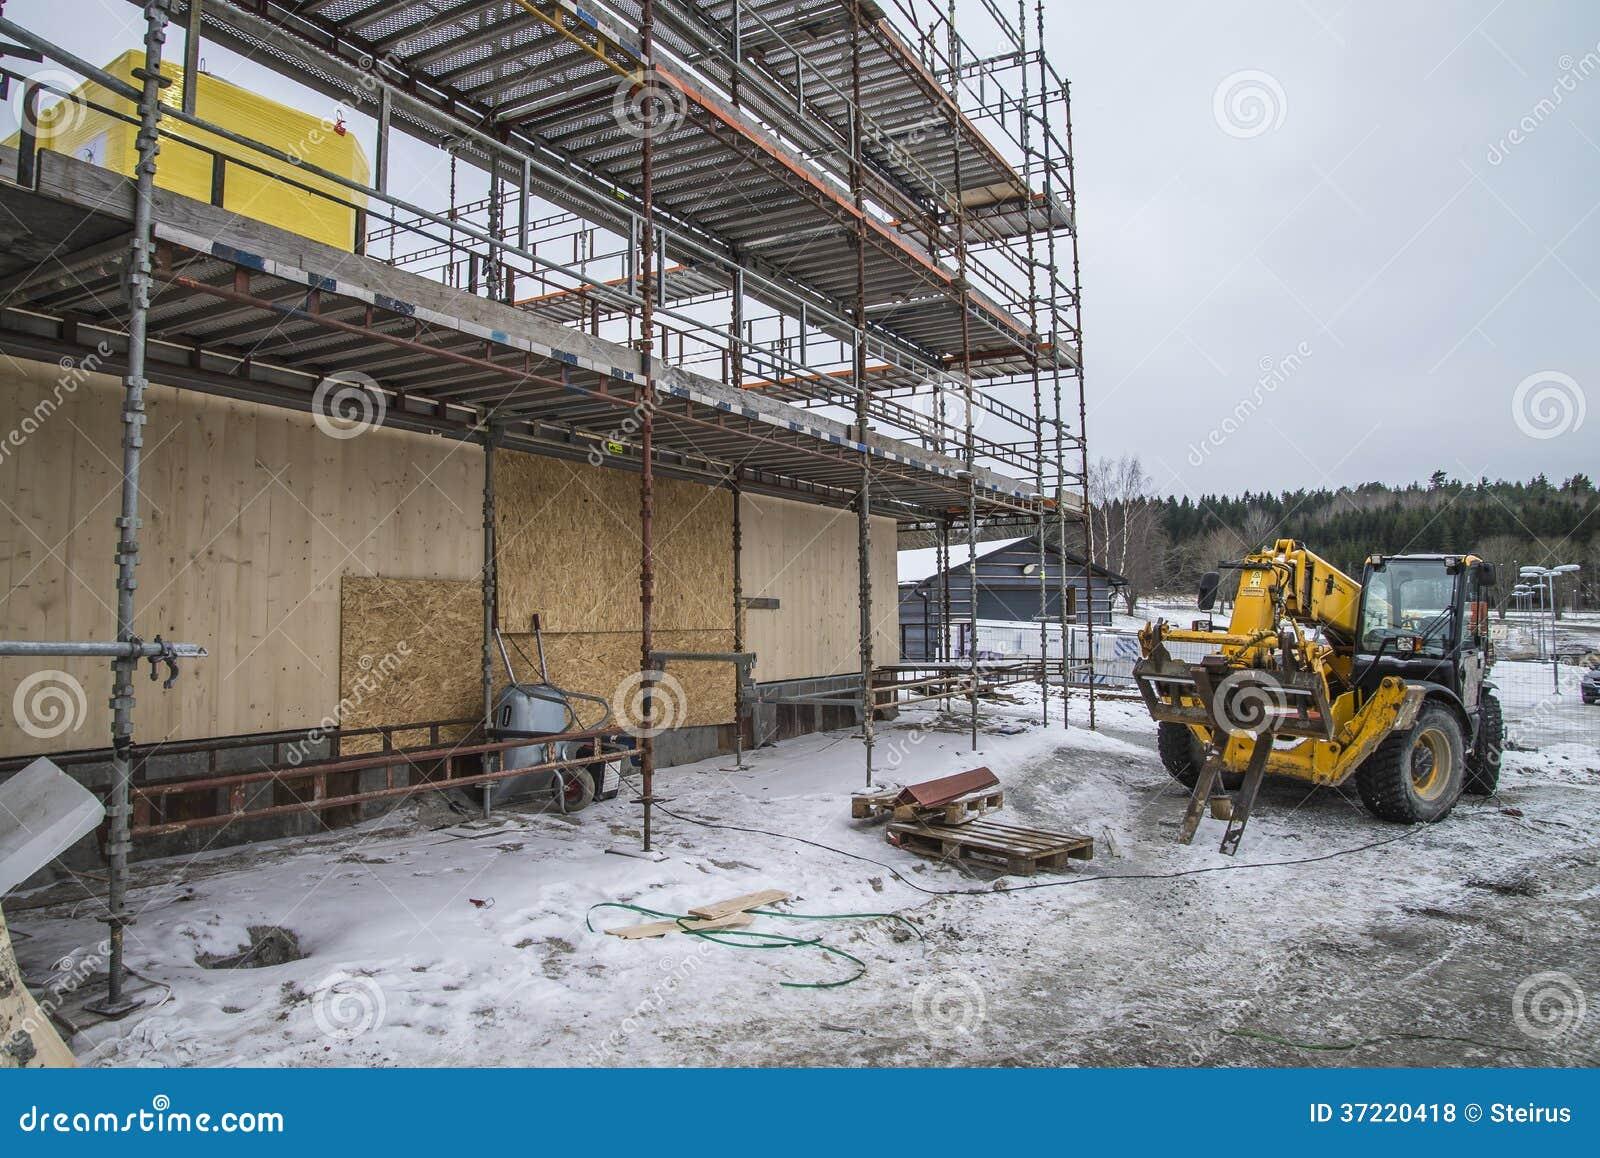 quipement de levage sur un chantier de construction grue mobile photo stock ditorial image. Black Bedroom Furniture Sets. Home Design Ideas